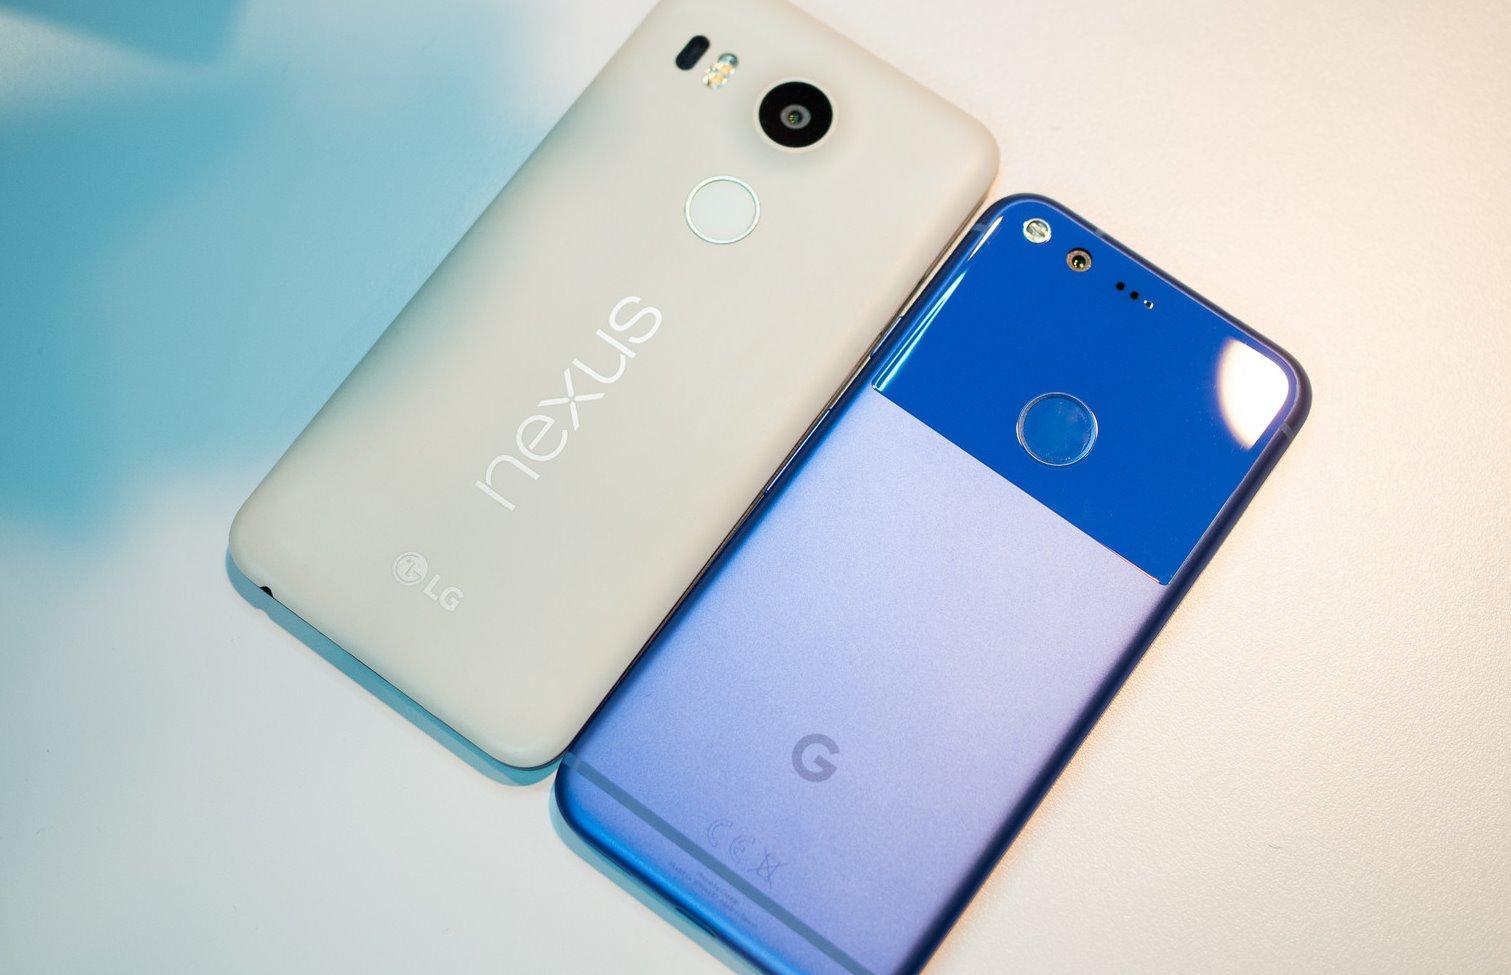 Google Pixel Rom - Premium Android